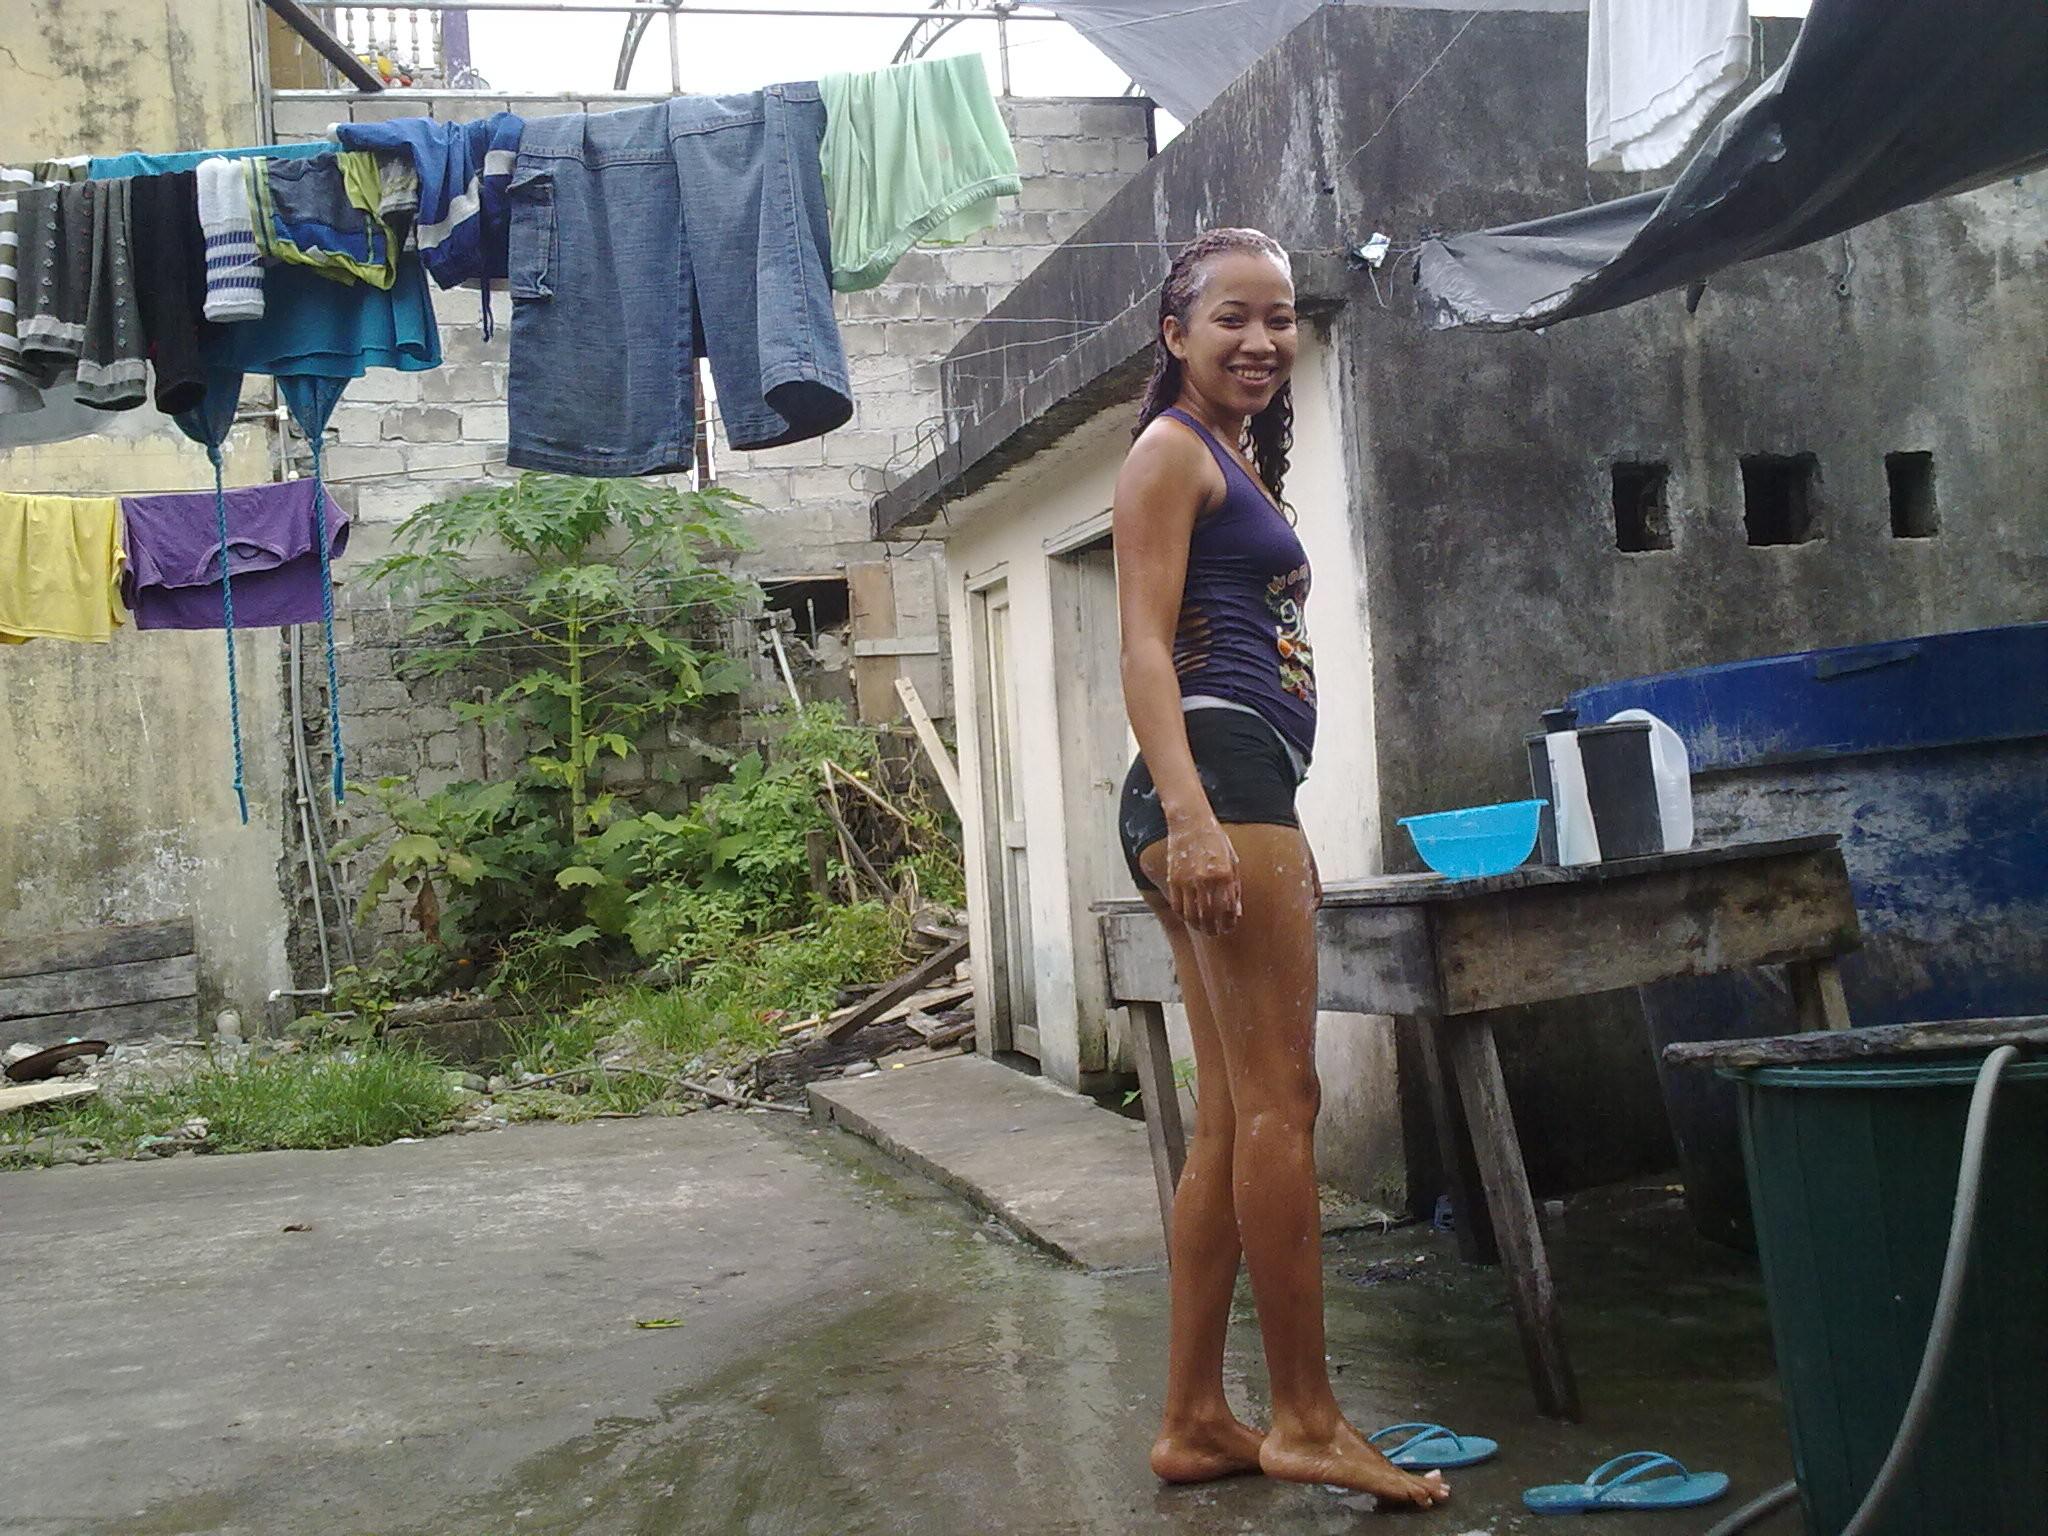 Проститутка из Эквадора сполоснула пизду водой из тазика